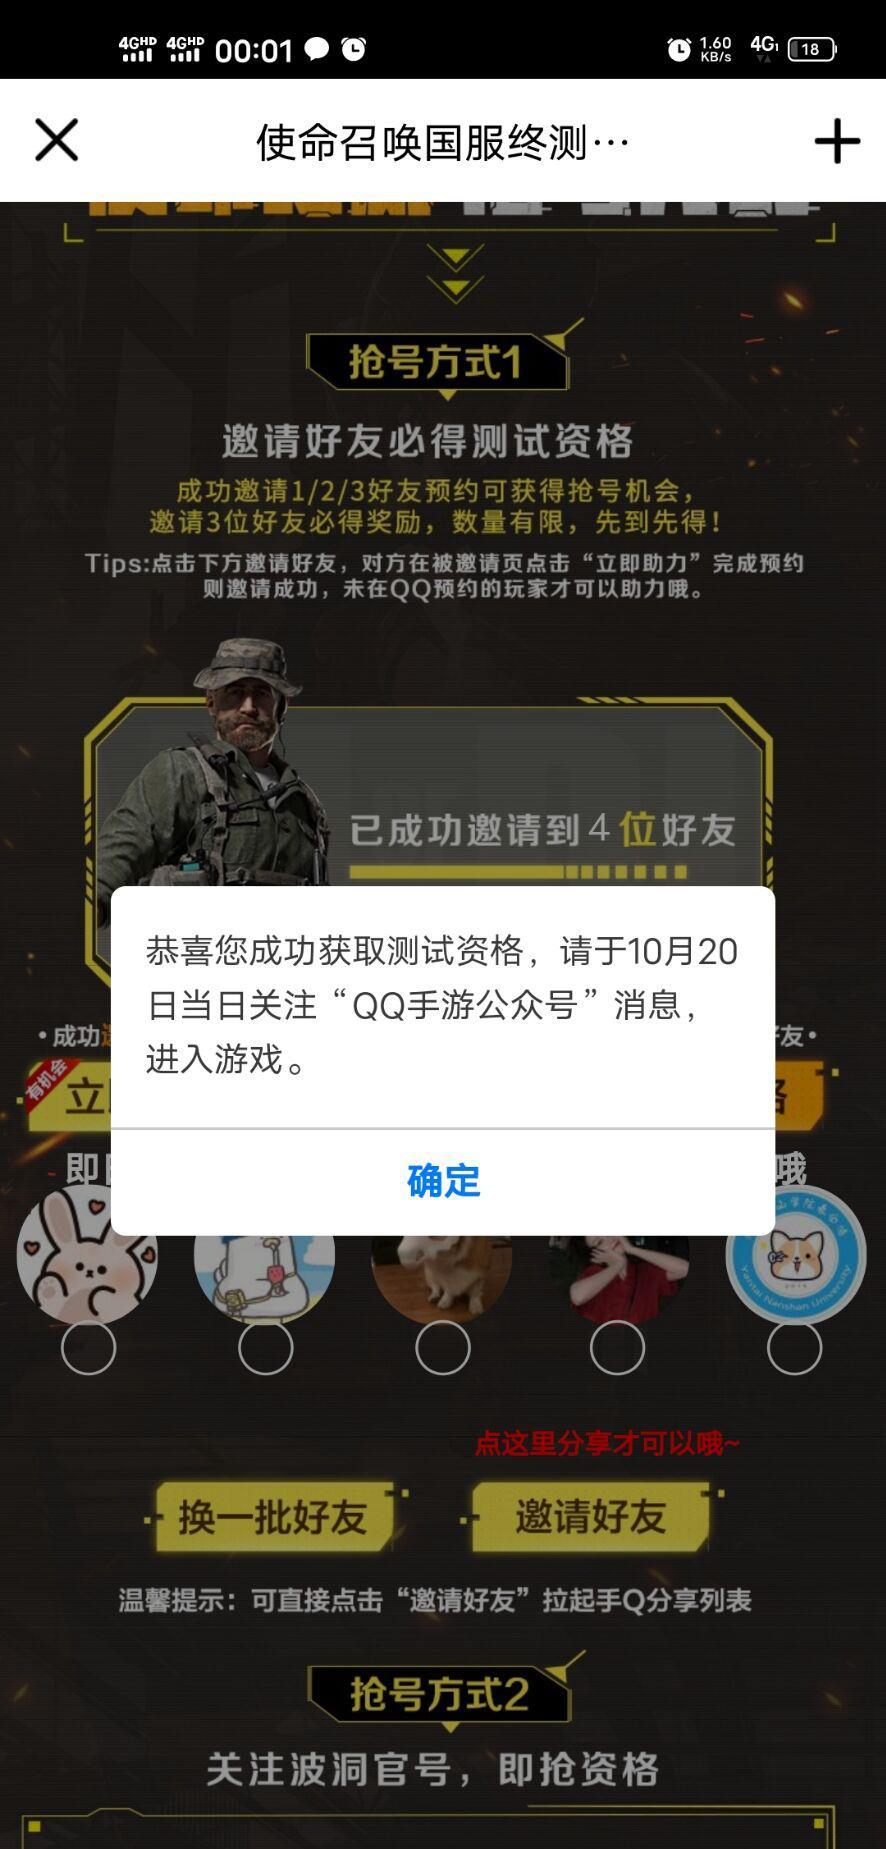 诺基亚5310xm游戏_《使命召唤手游》预约量已达5000万,超越《和平精英》却有难度!